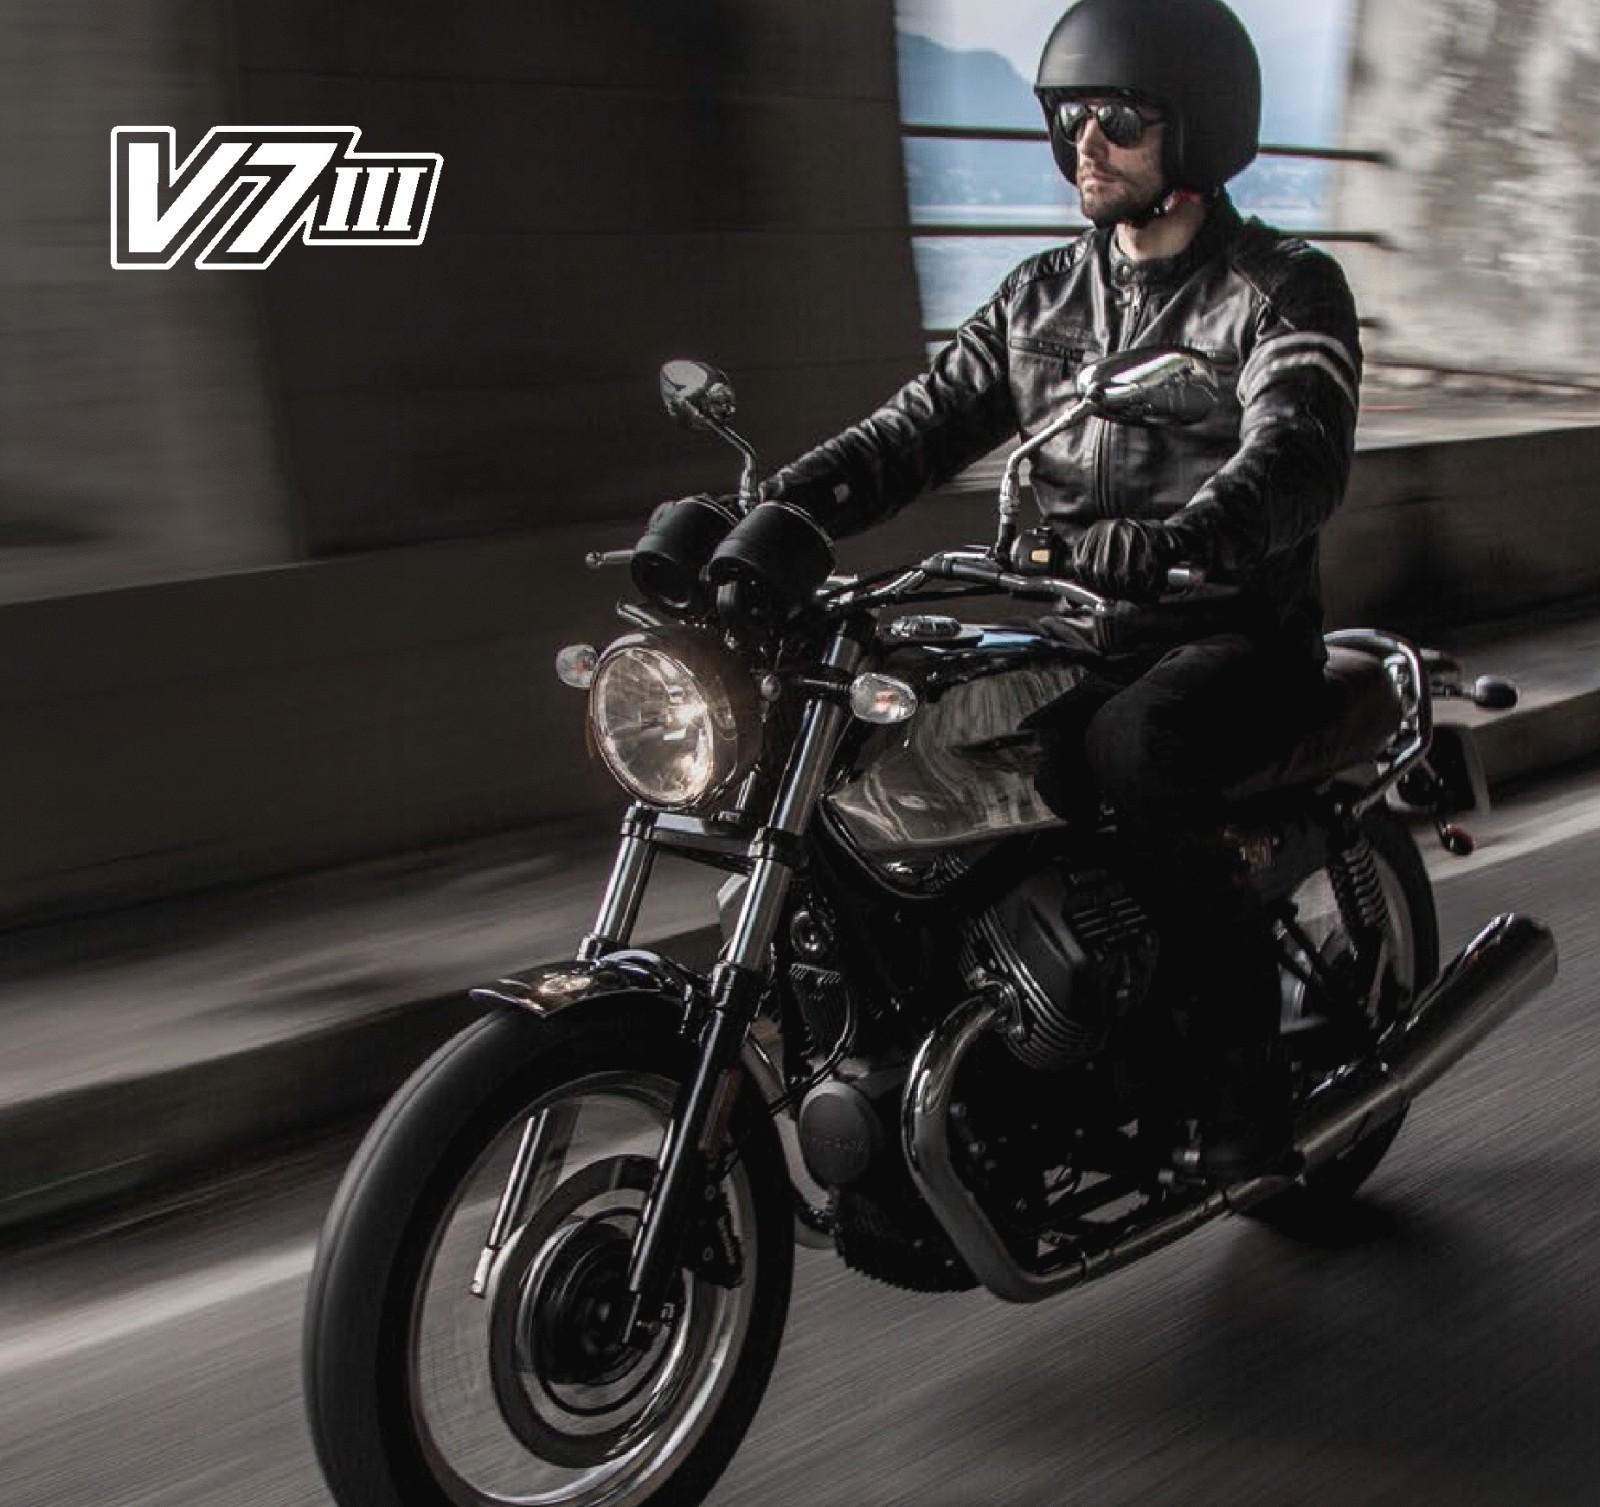 Moto-Guzzi-V7-V7-III-ANNIVERSARIO-1